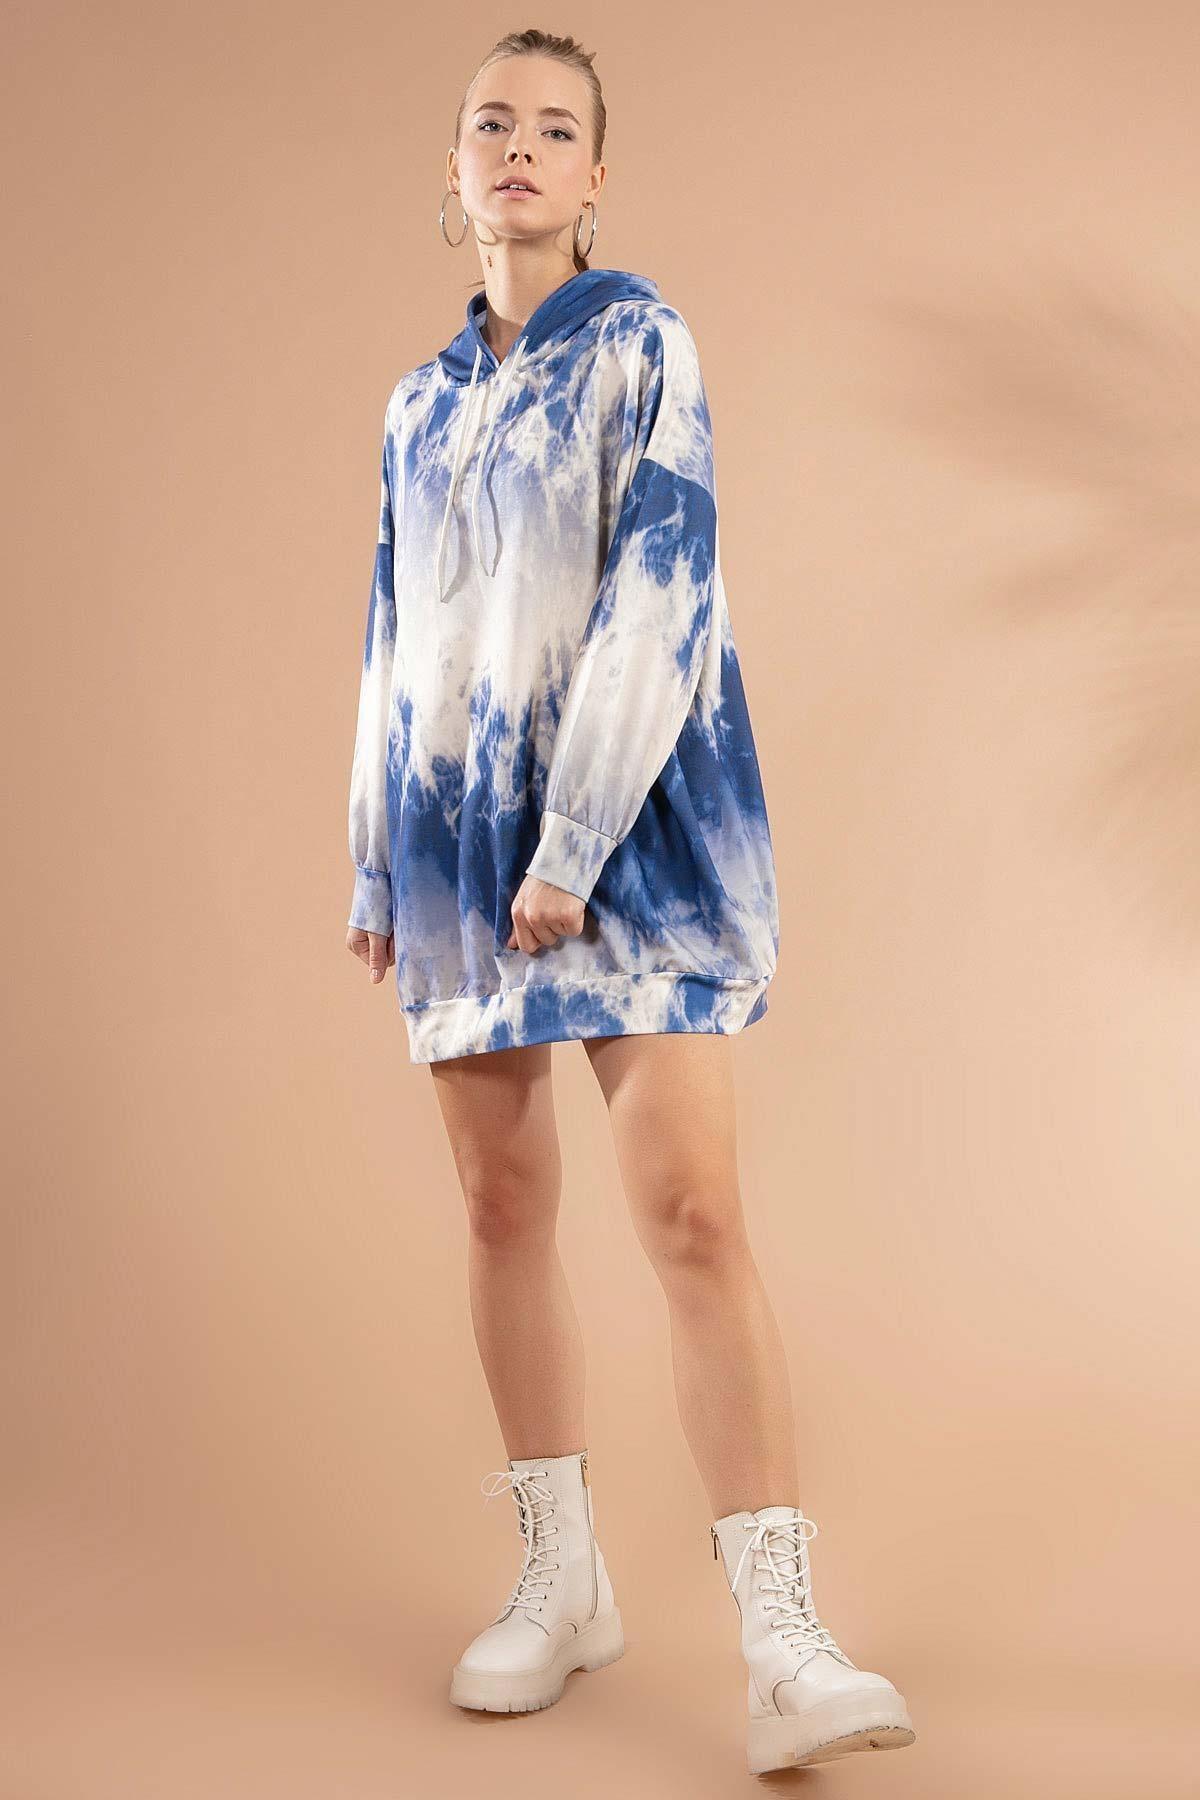 Pattaya Kadın Baskılı Kapşonlu Sweatshirt Elbise P20w-4125-3 1